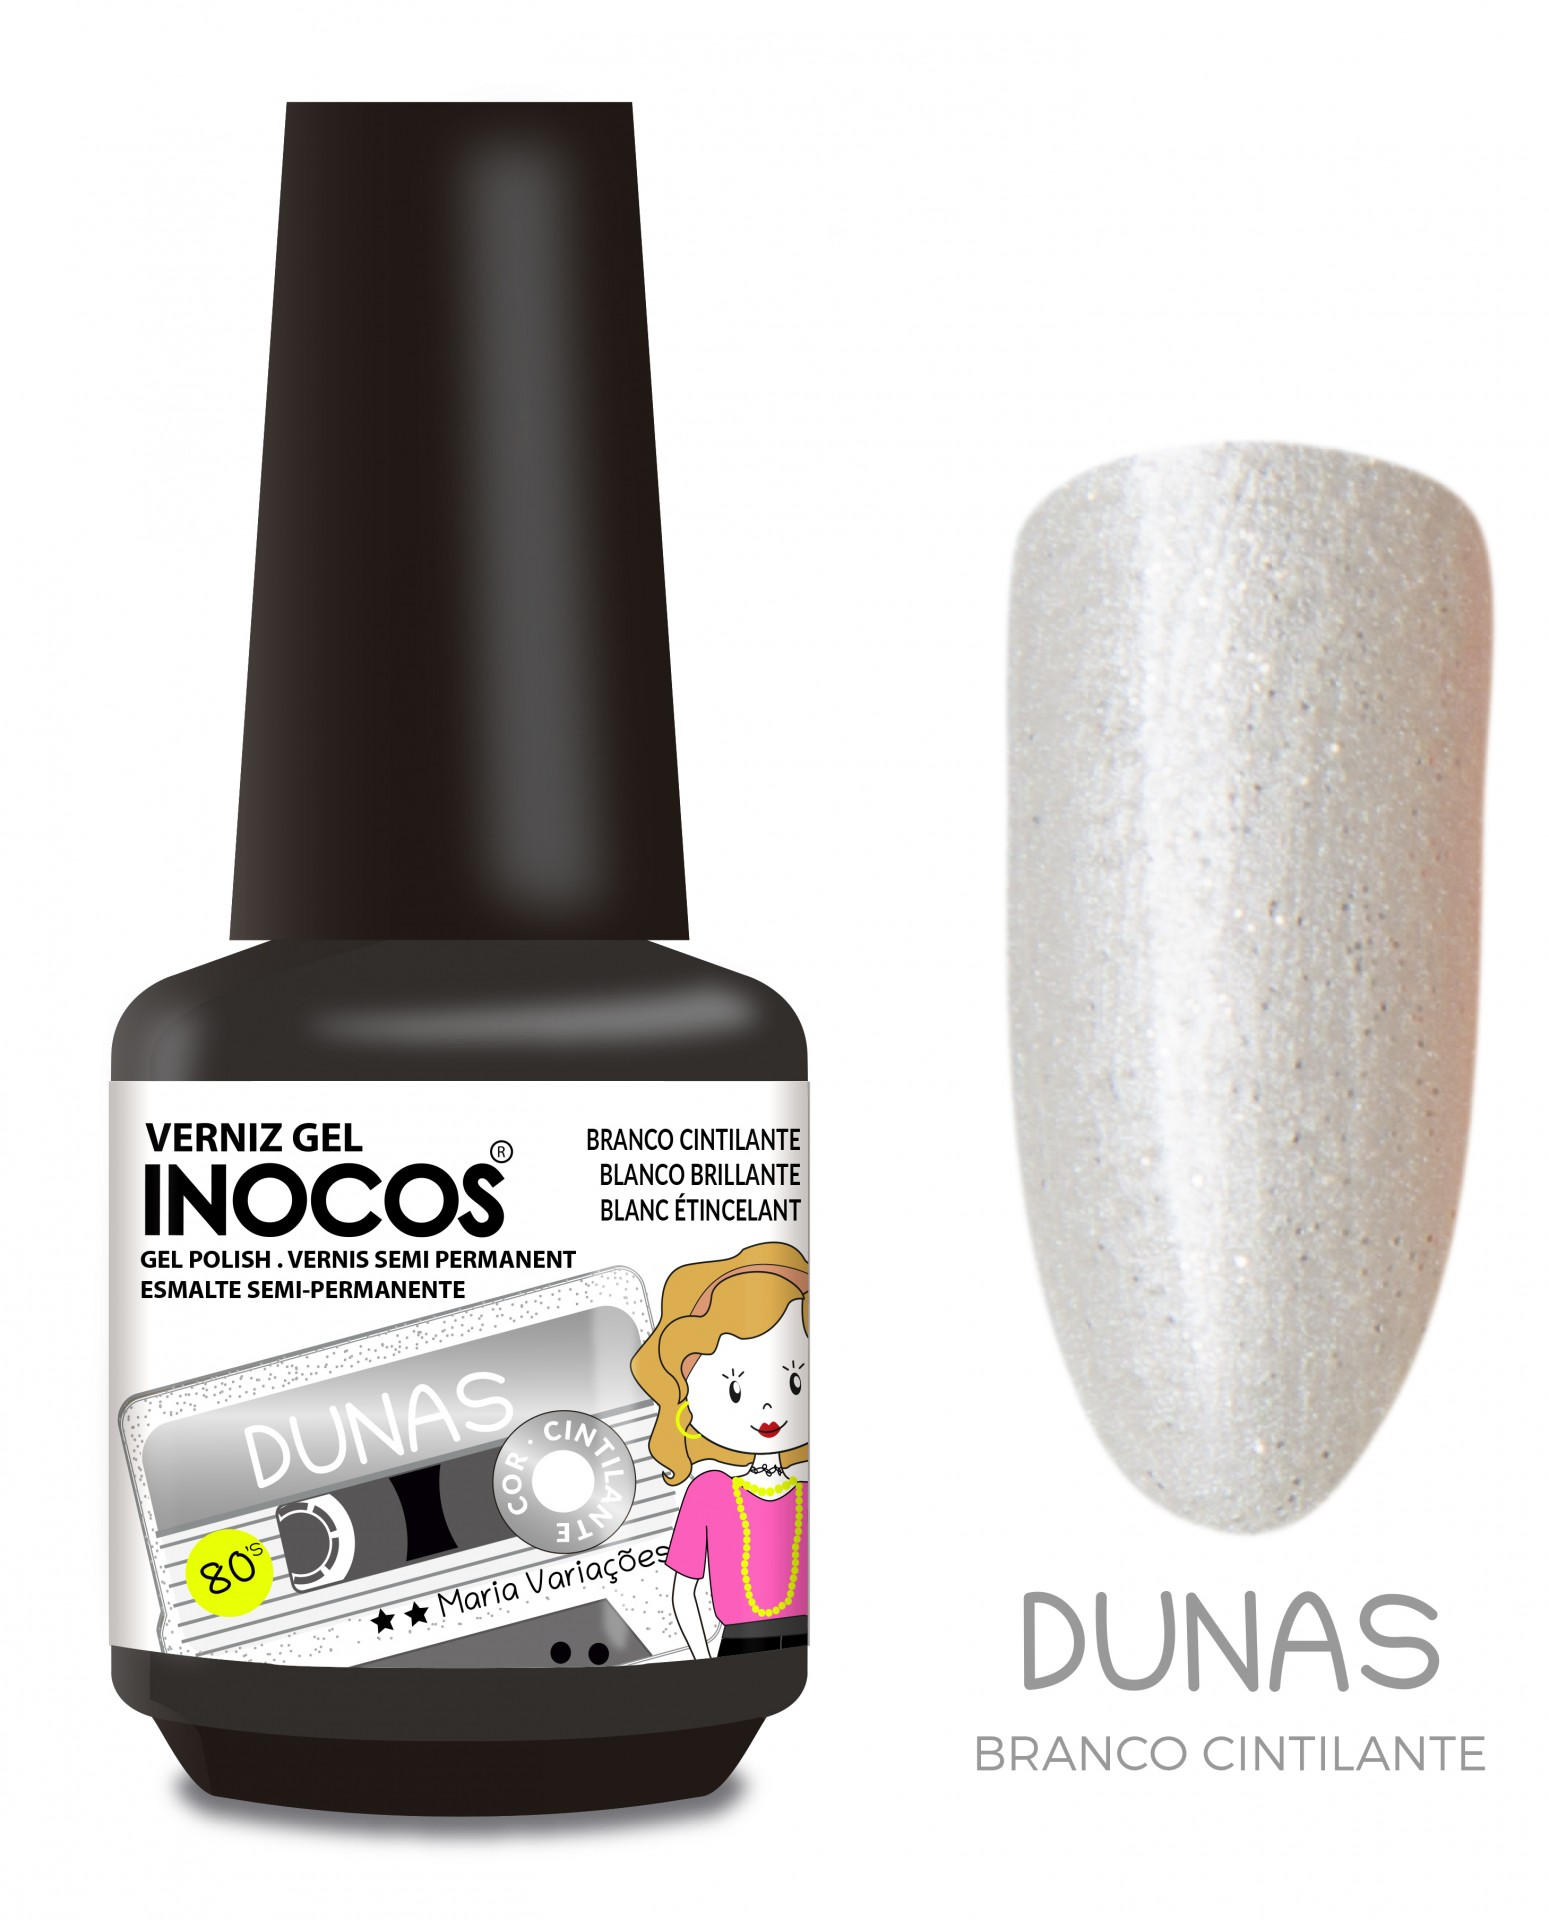 Verniz Gel Inocos - Dunas (153)